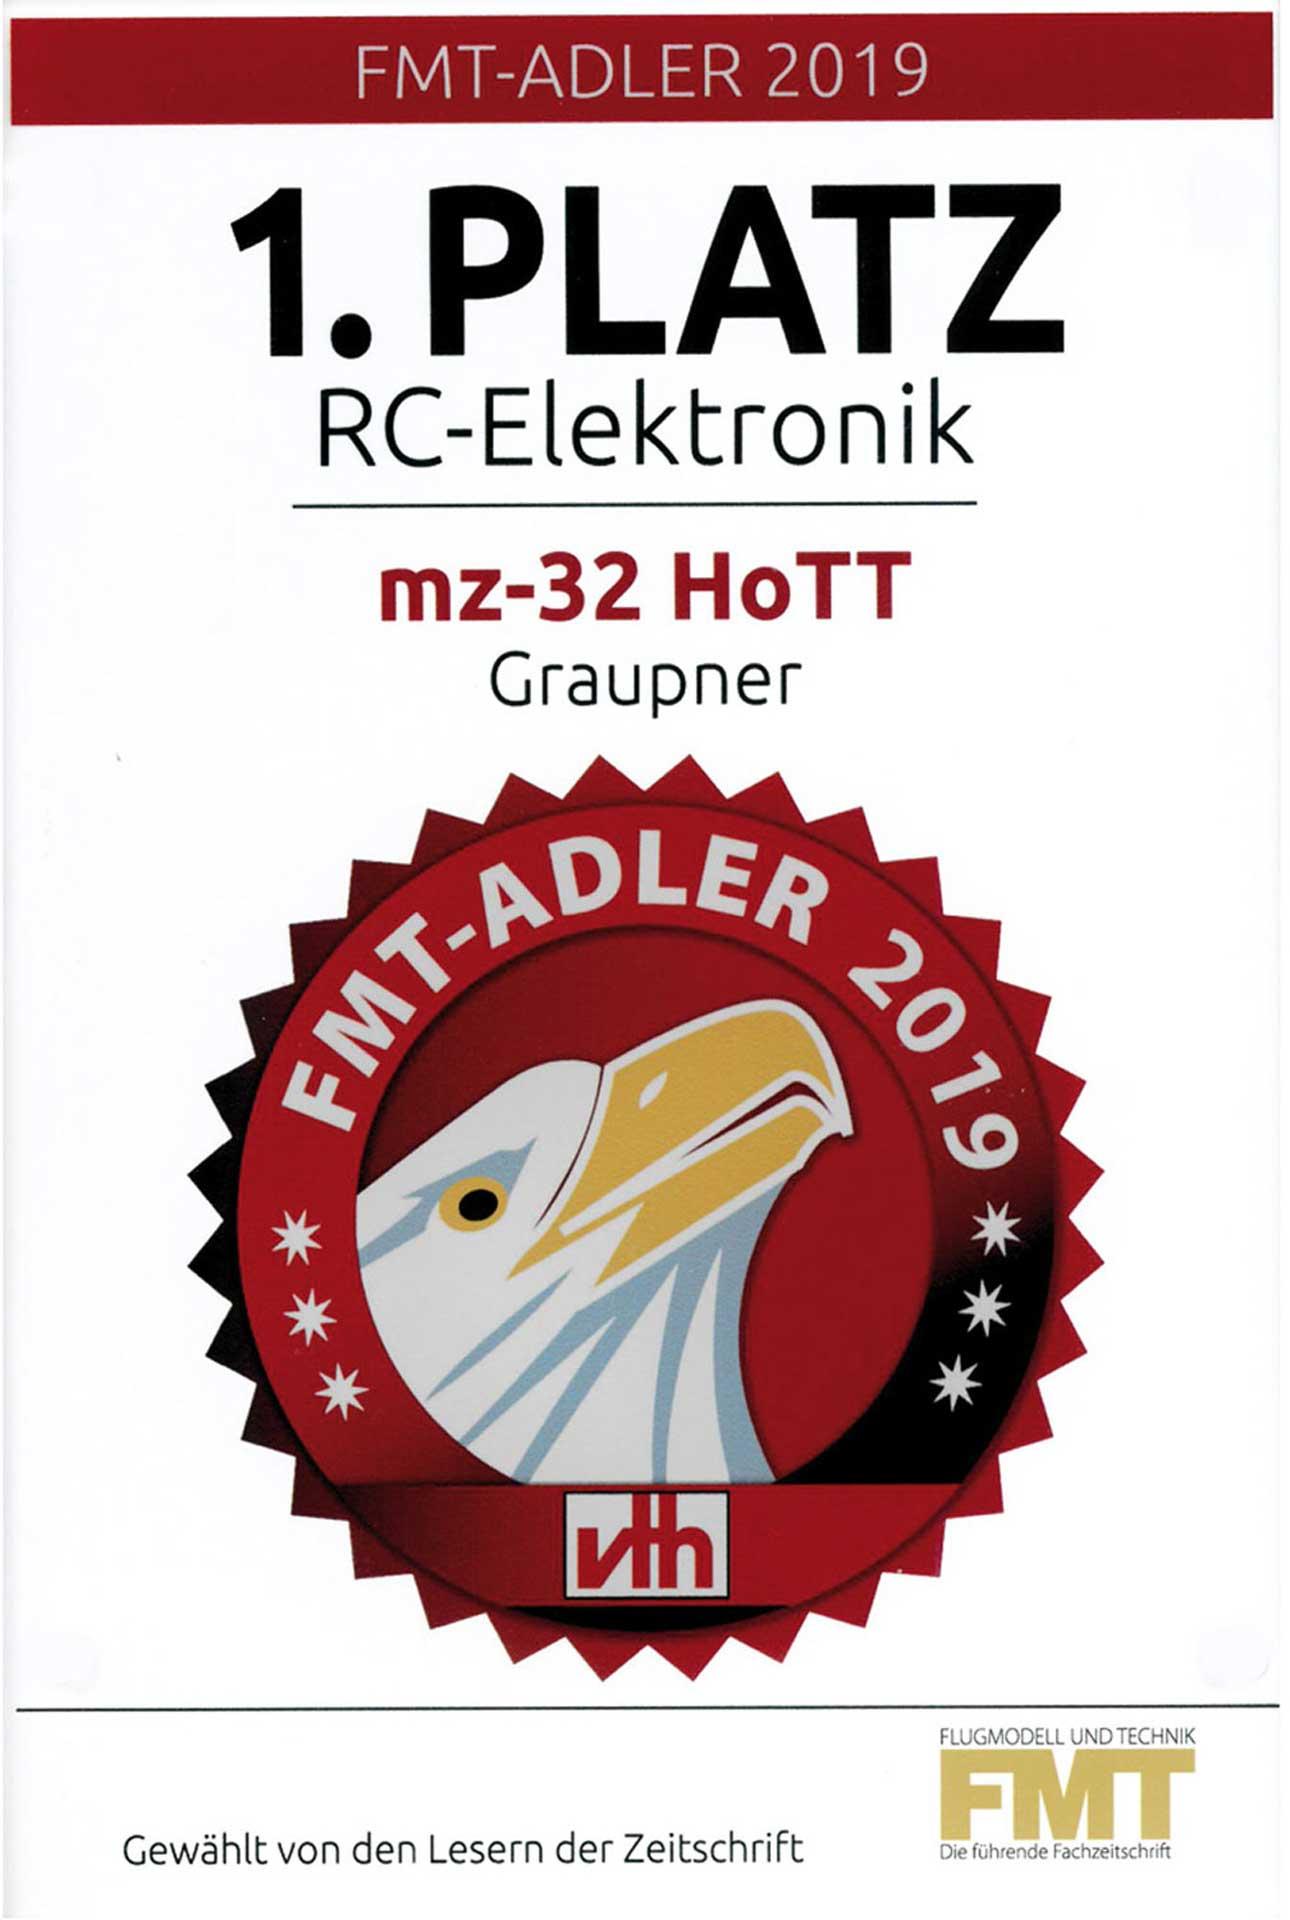 GRAUPNER MZ-32 HOTT EINZELSENDER